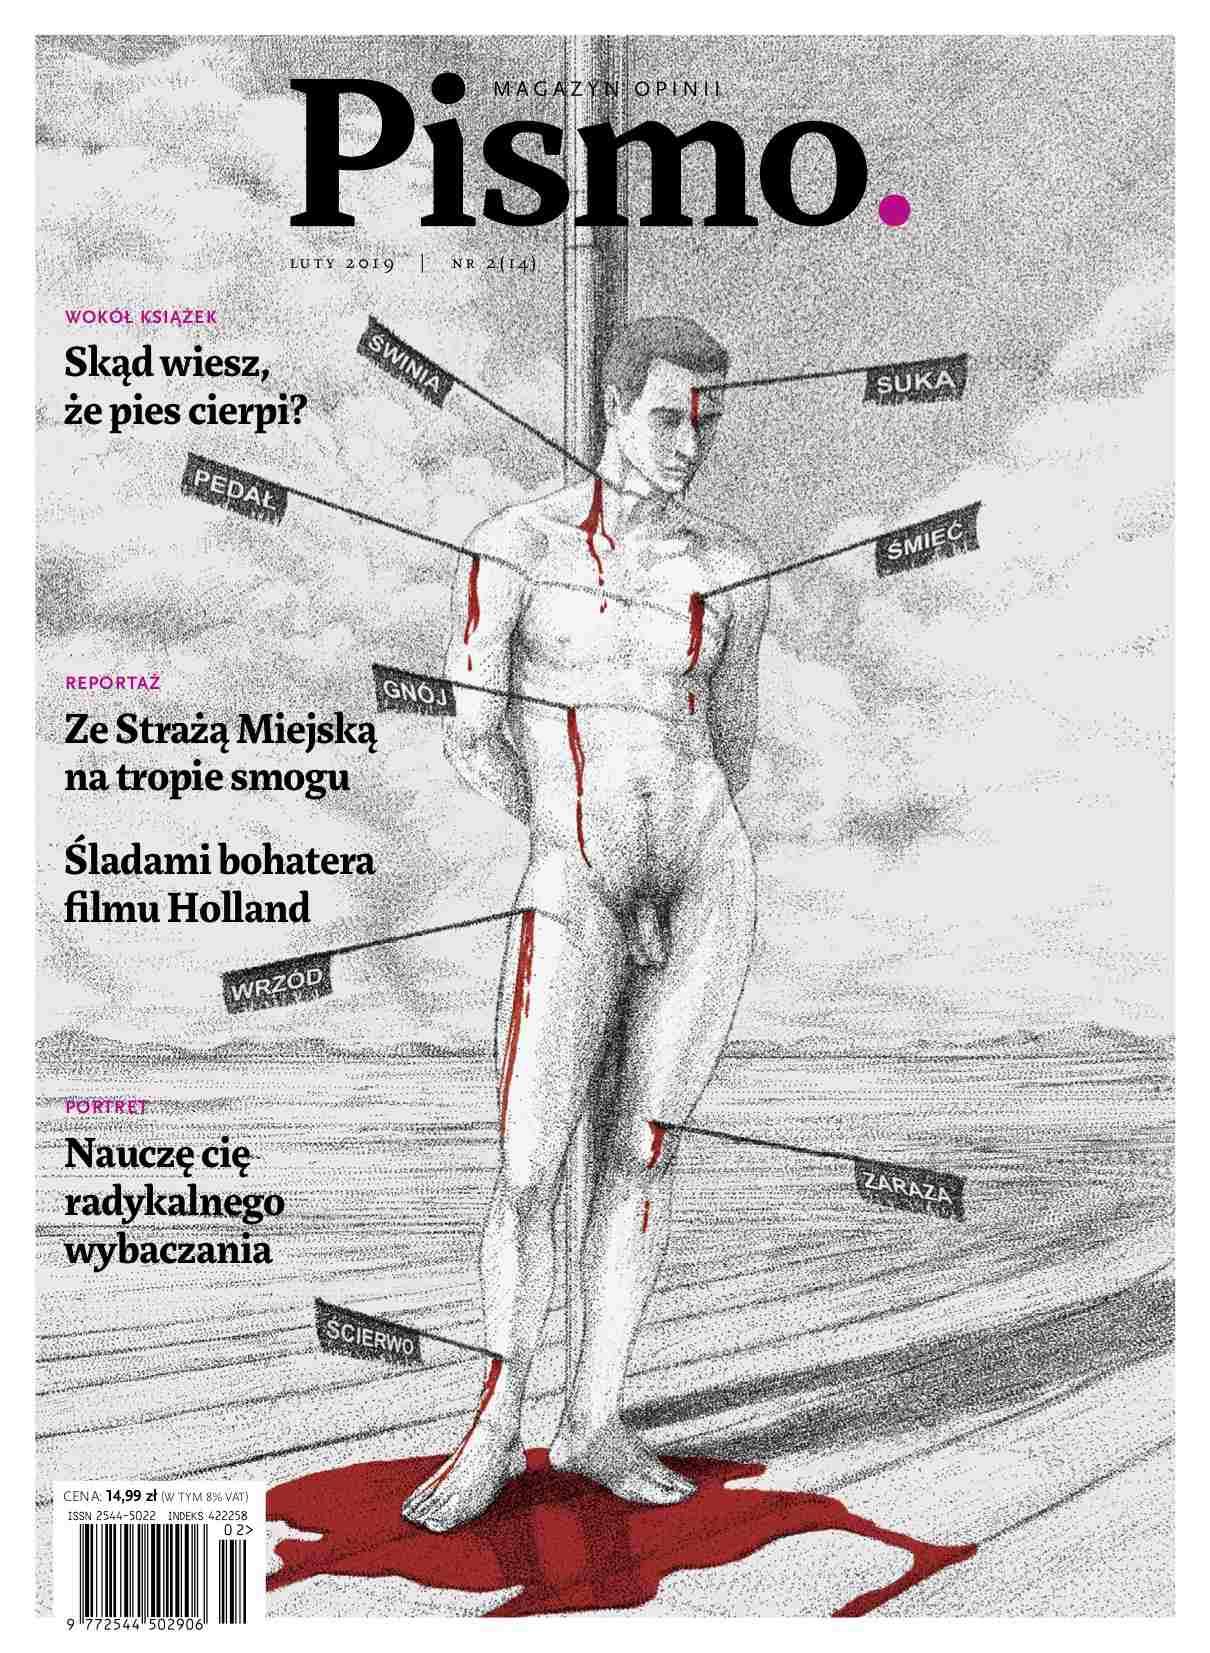 Pismo. Magazyn Opinii 02/2019 - Ebook (Książka EPUB) do pobrania w formacie EPUB